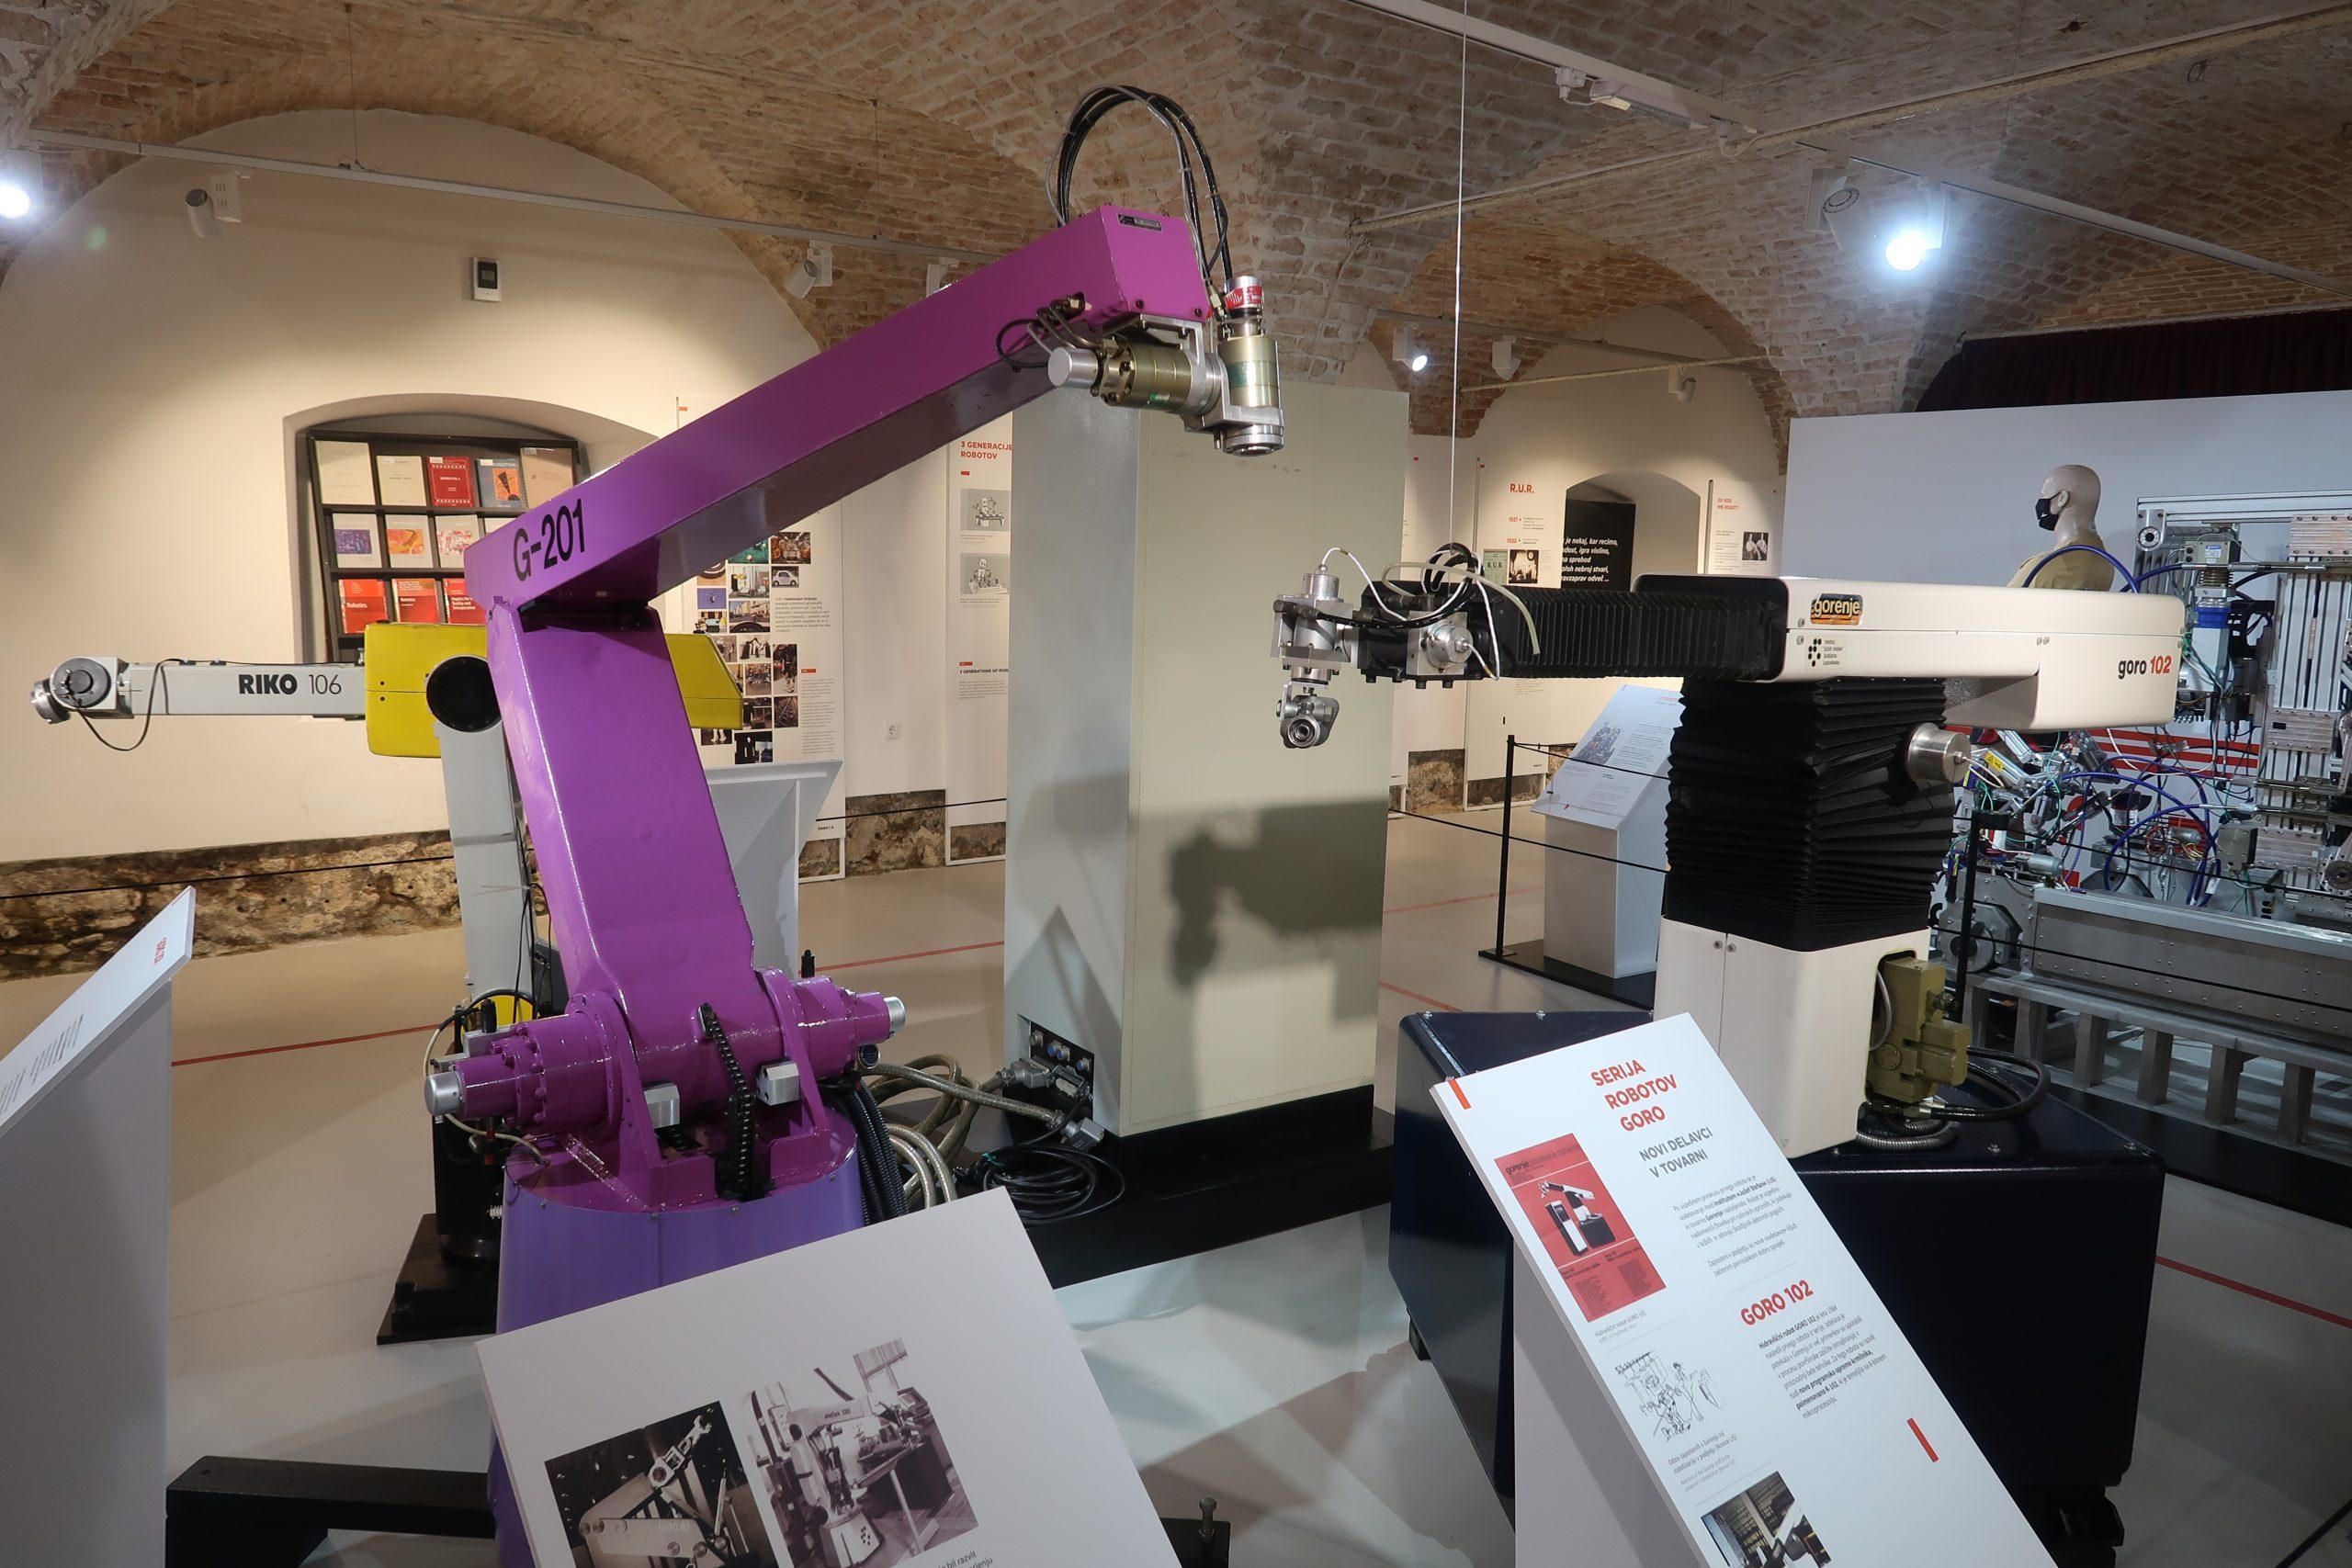 4 Za popoldne nekaj o najstarejsih slovenskih robotih